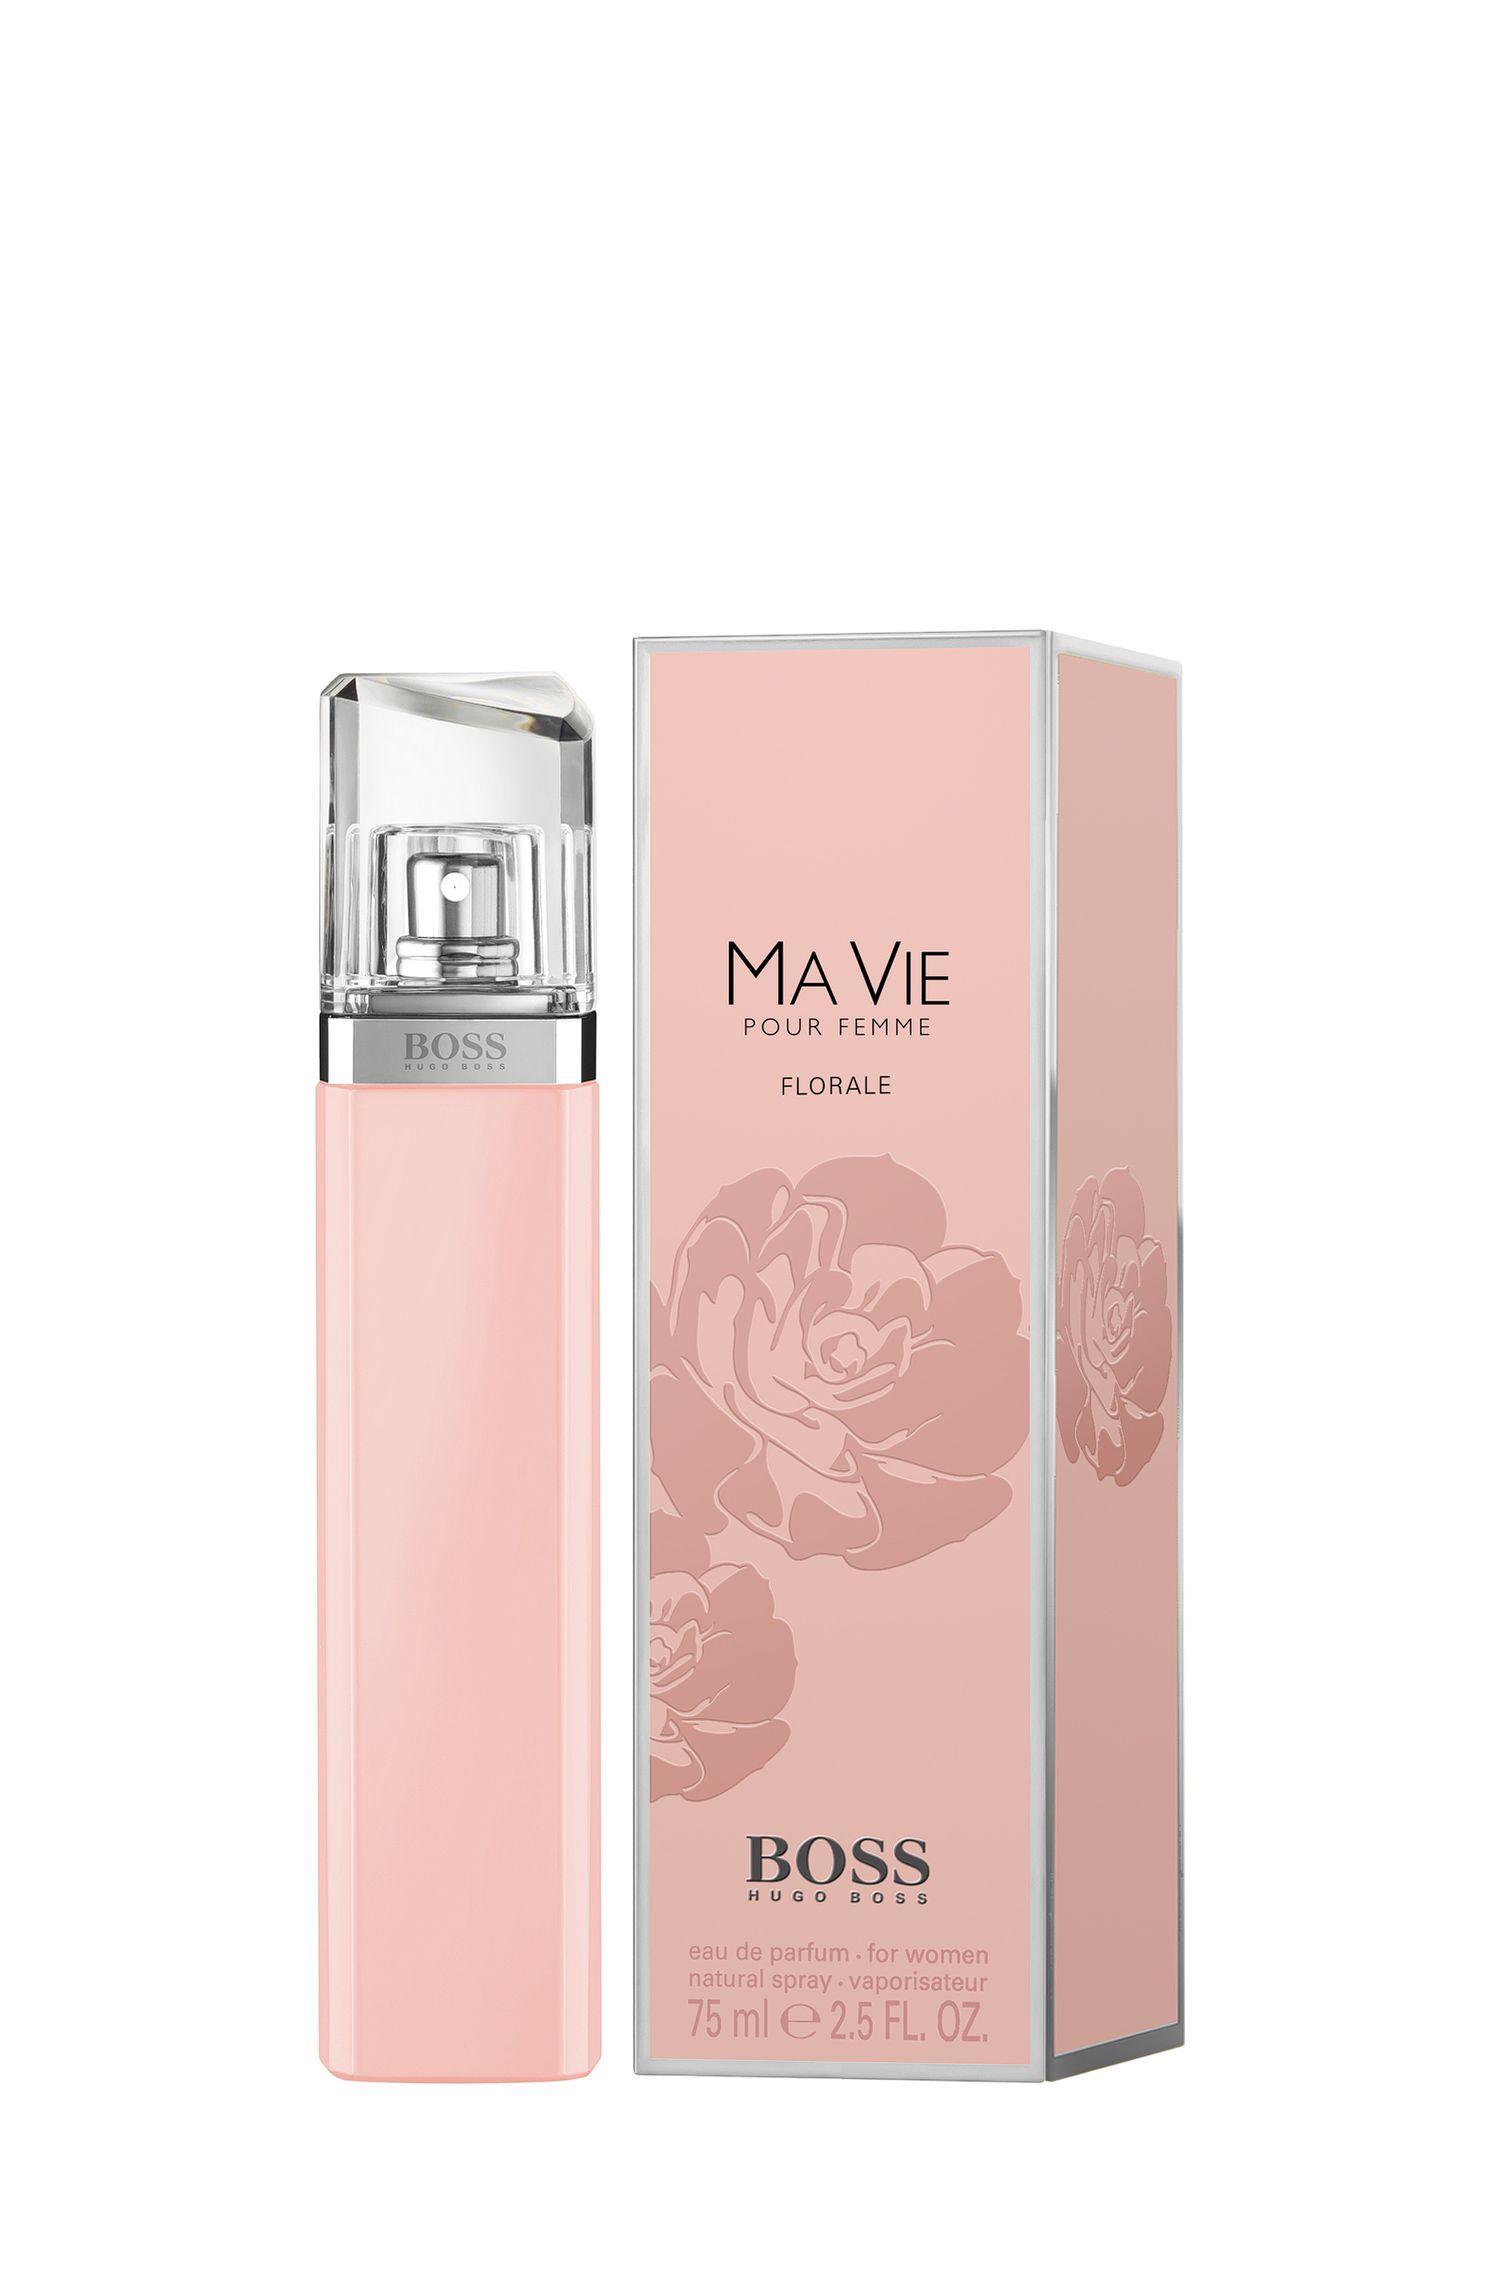 BOSS Ma Vie Florale' eau de parfum 75ml